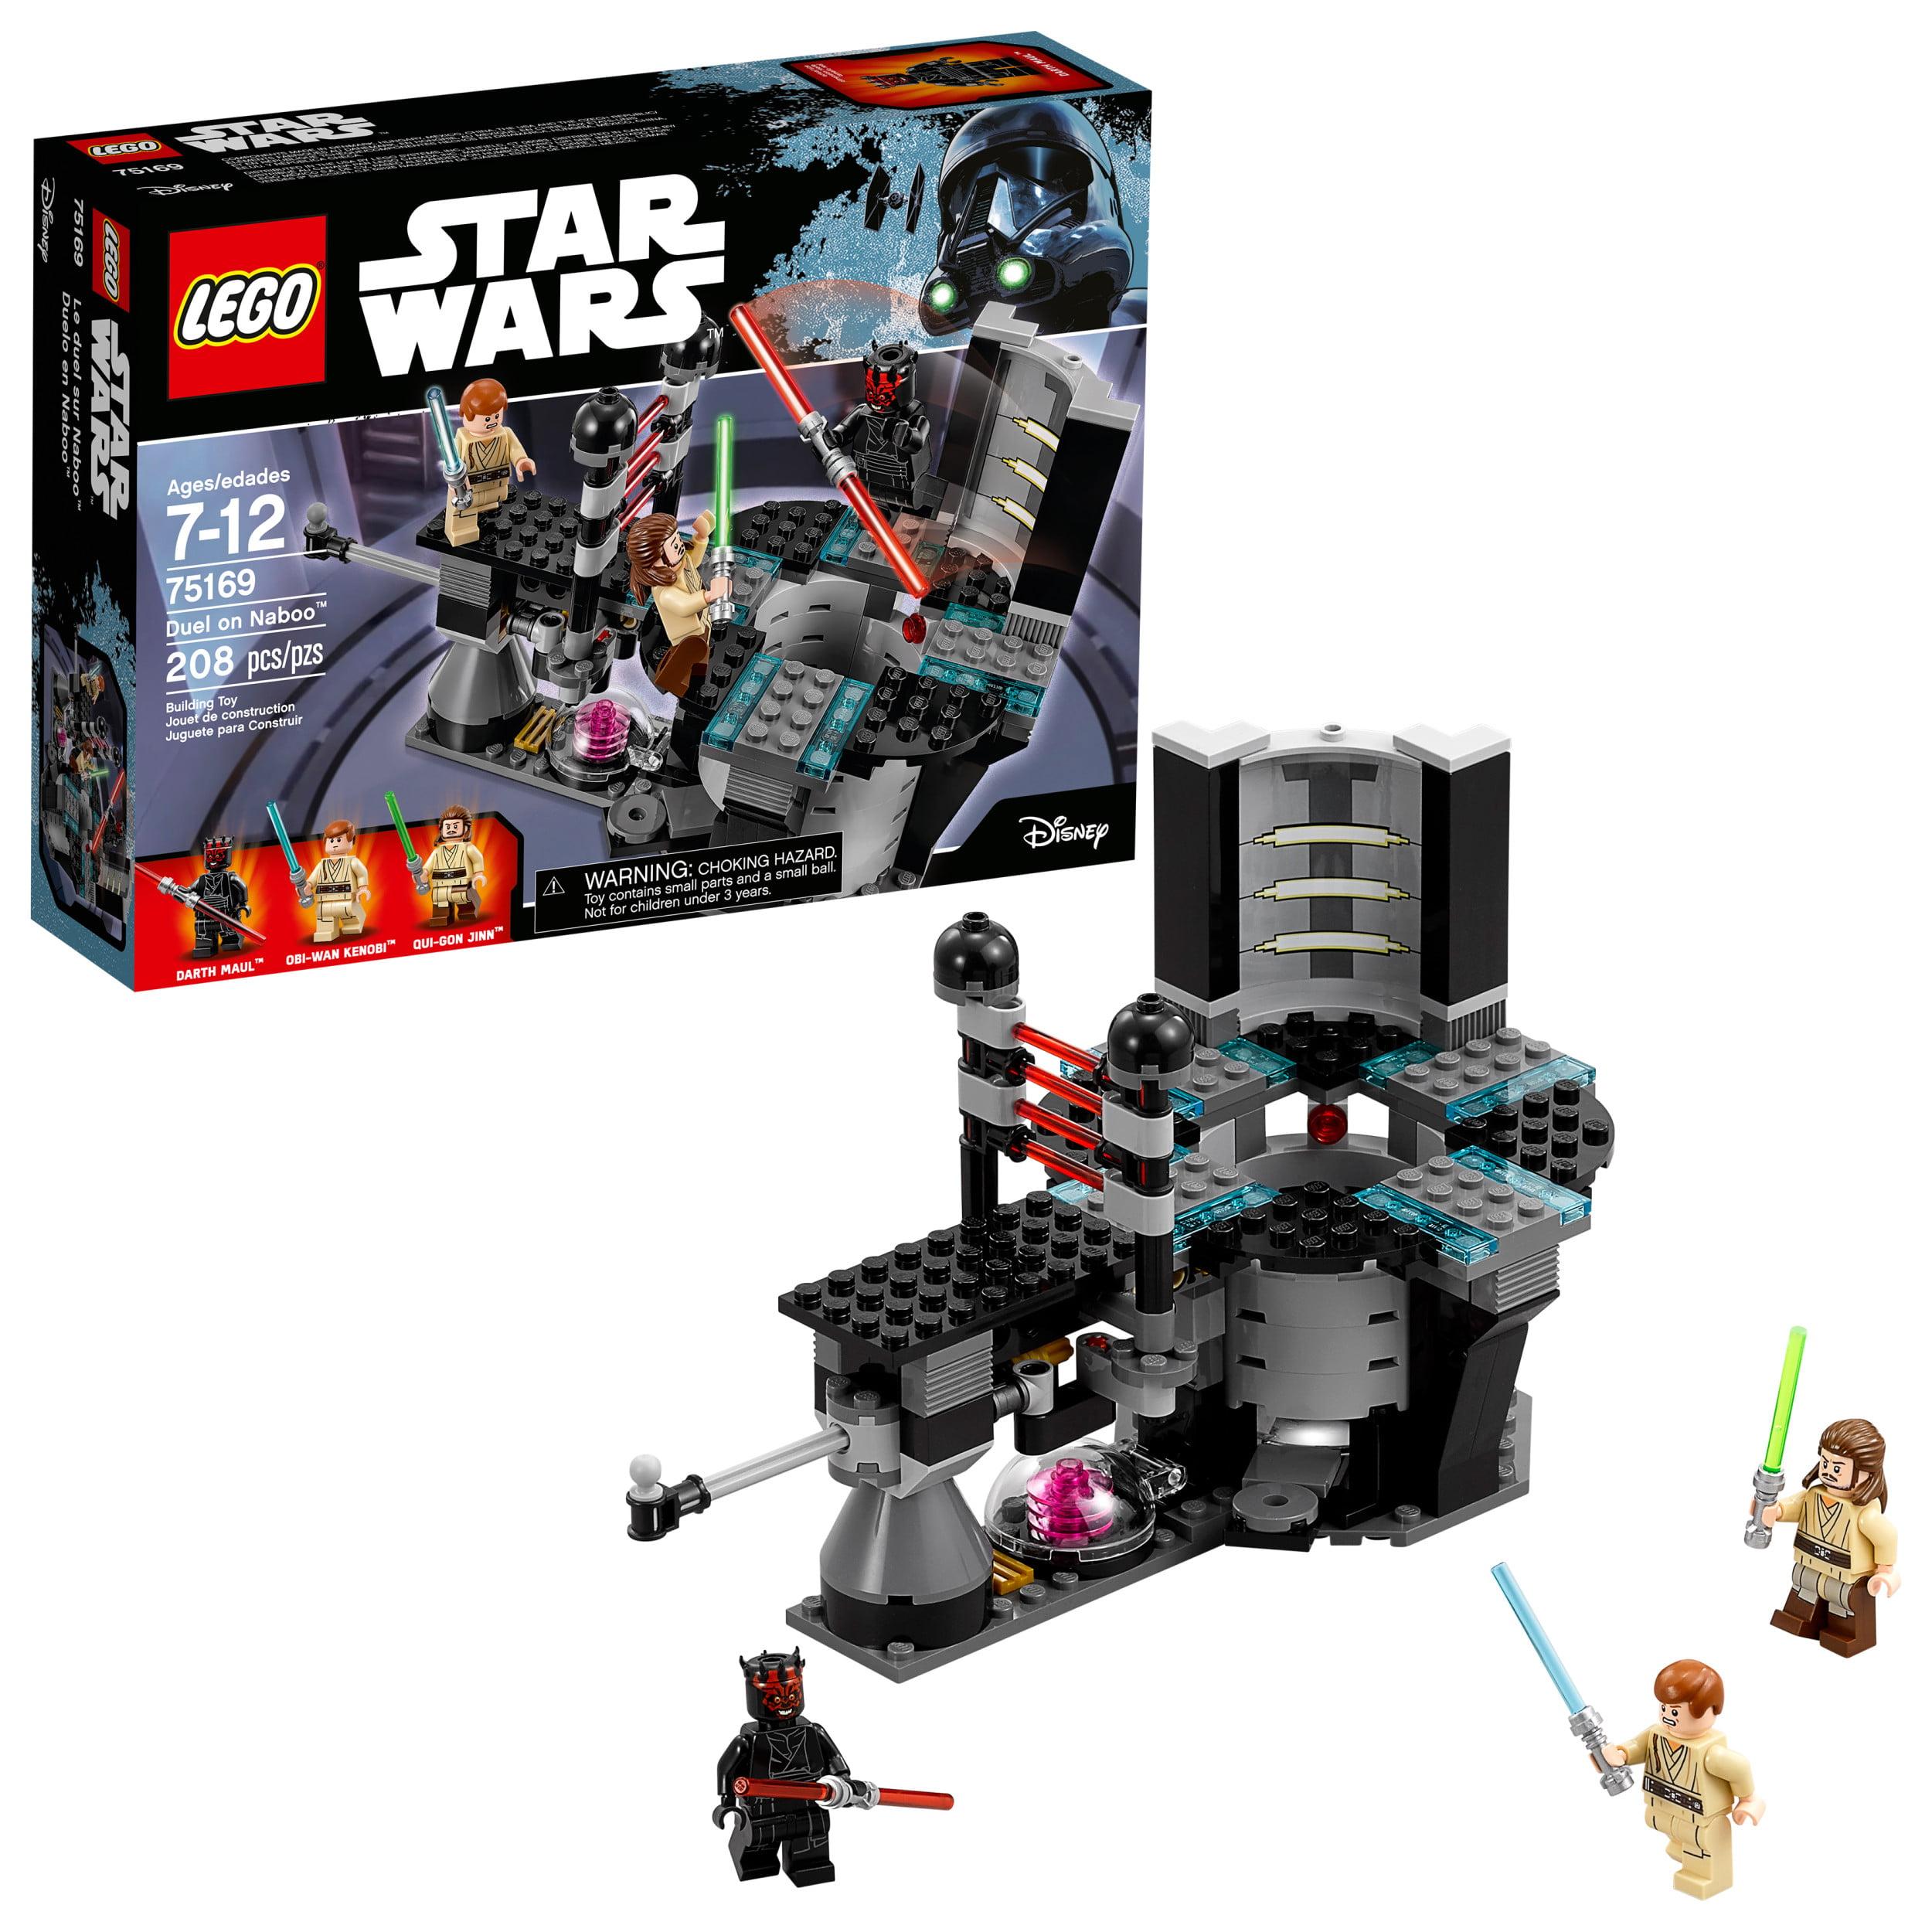 LEGO Star Wars TM Duel on Naboo 75169